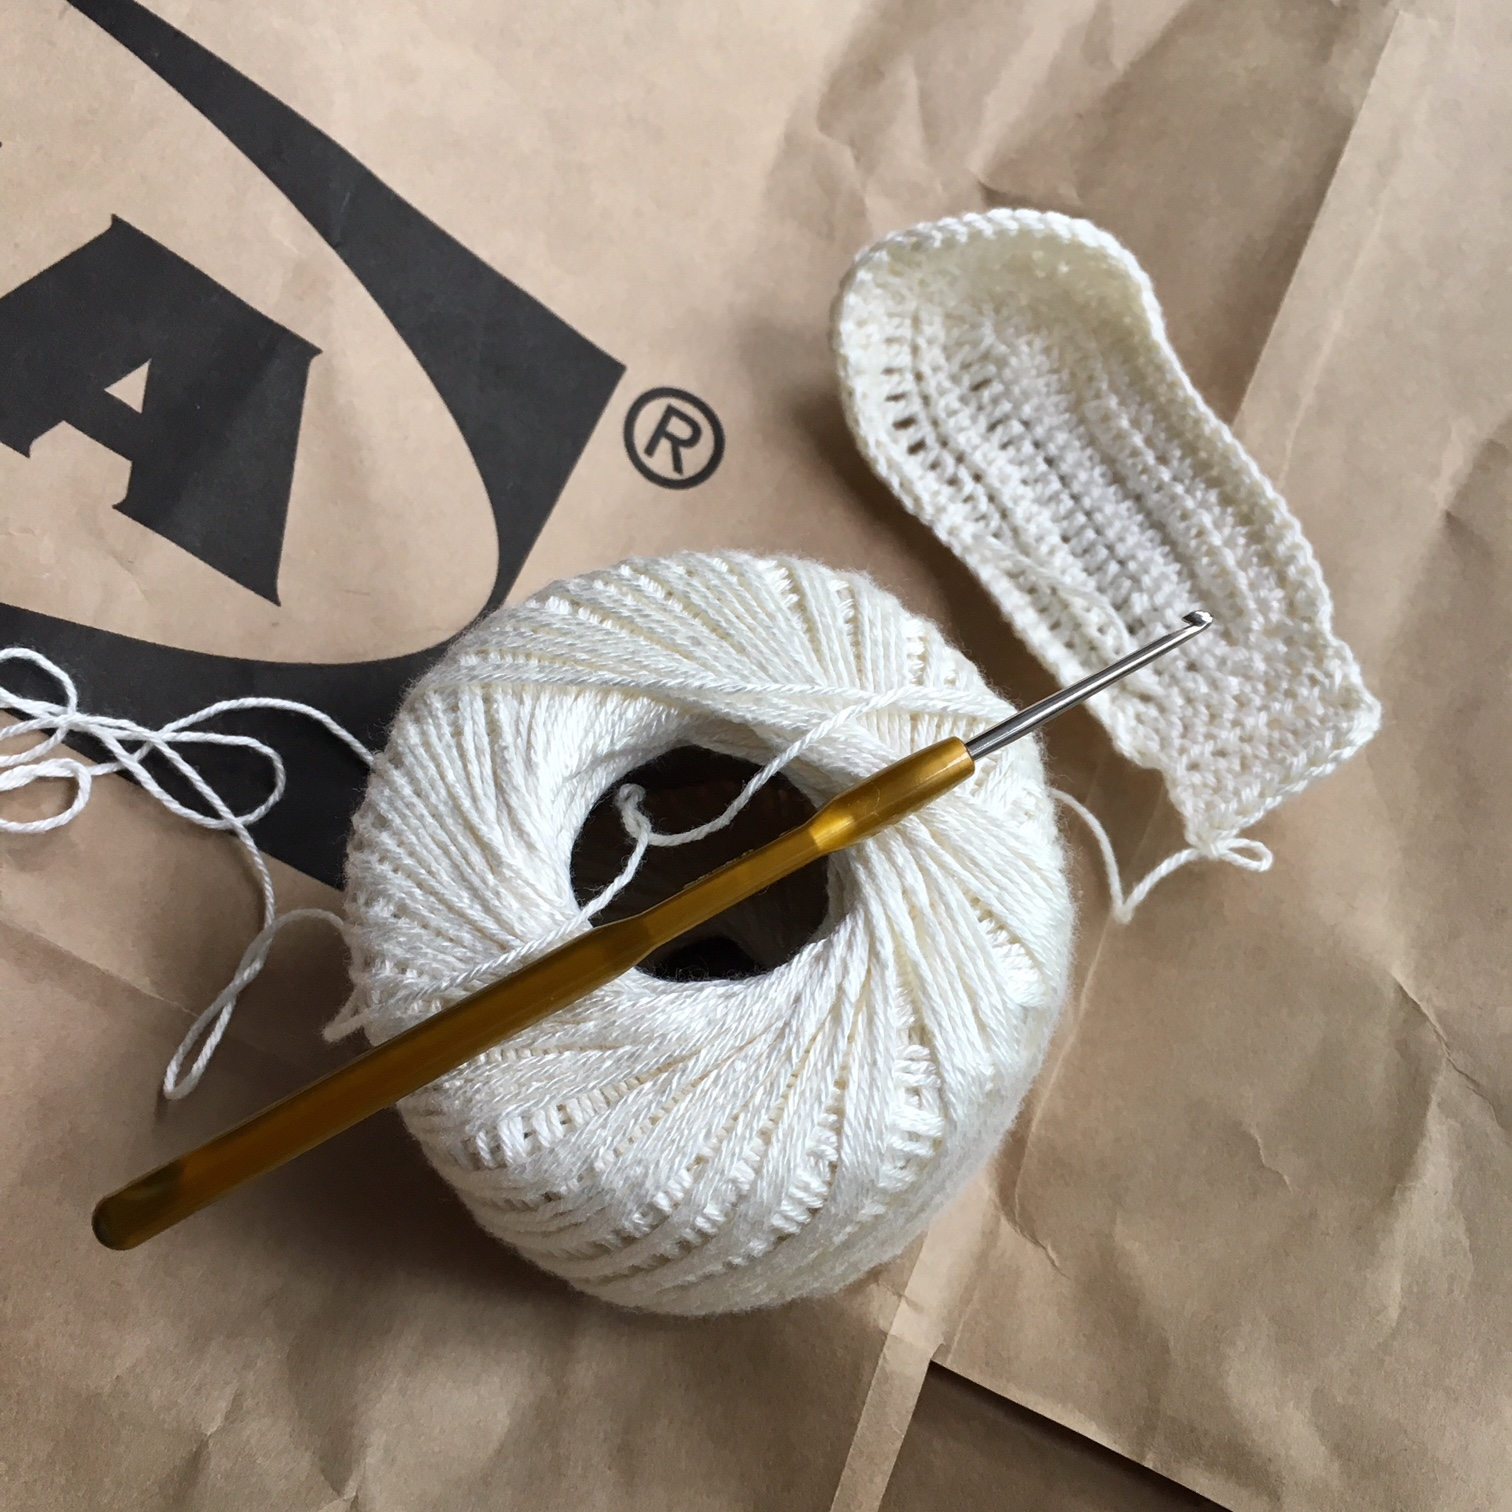 хартиени животни от торба ан ИКЕА - оплитане на ушите на една кука